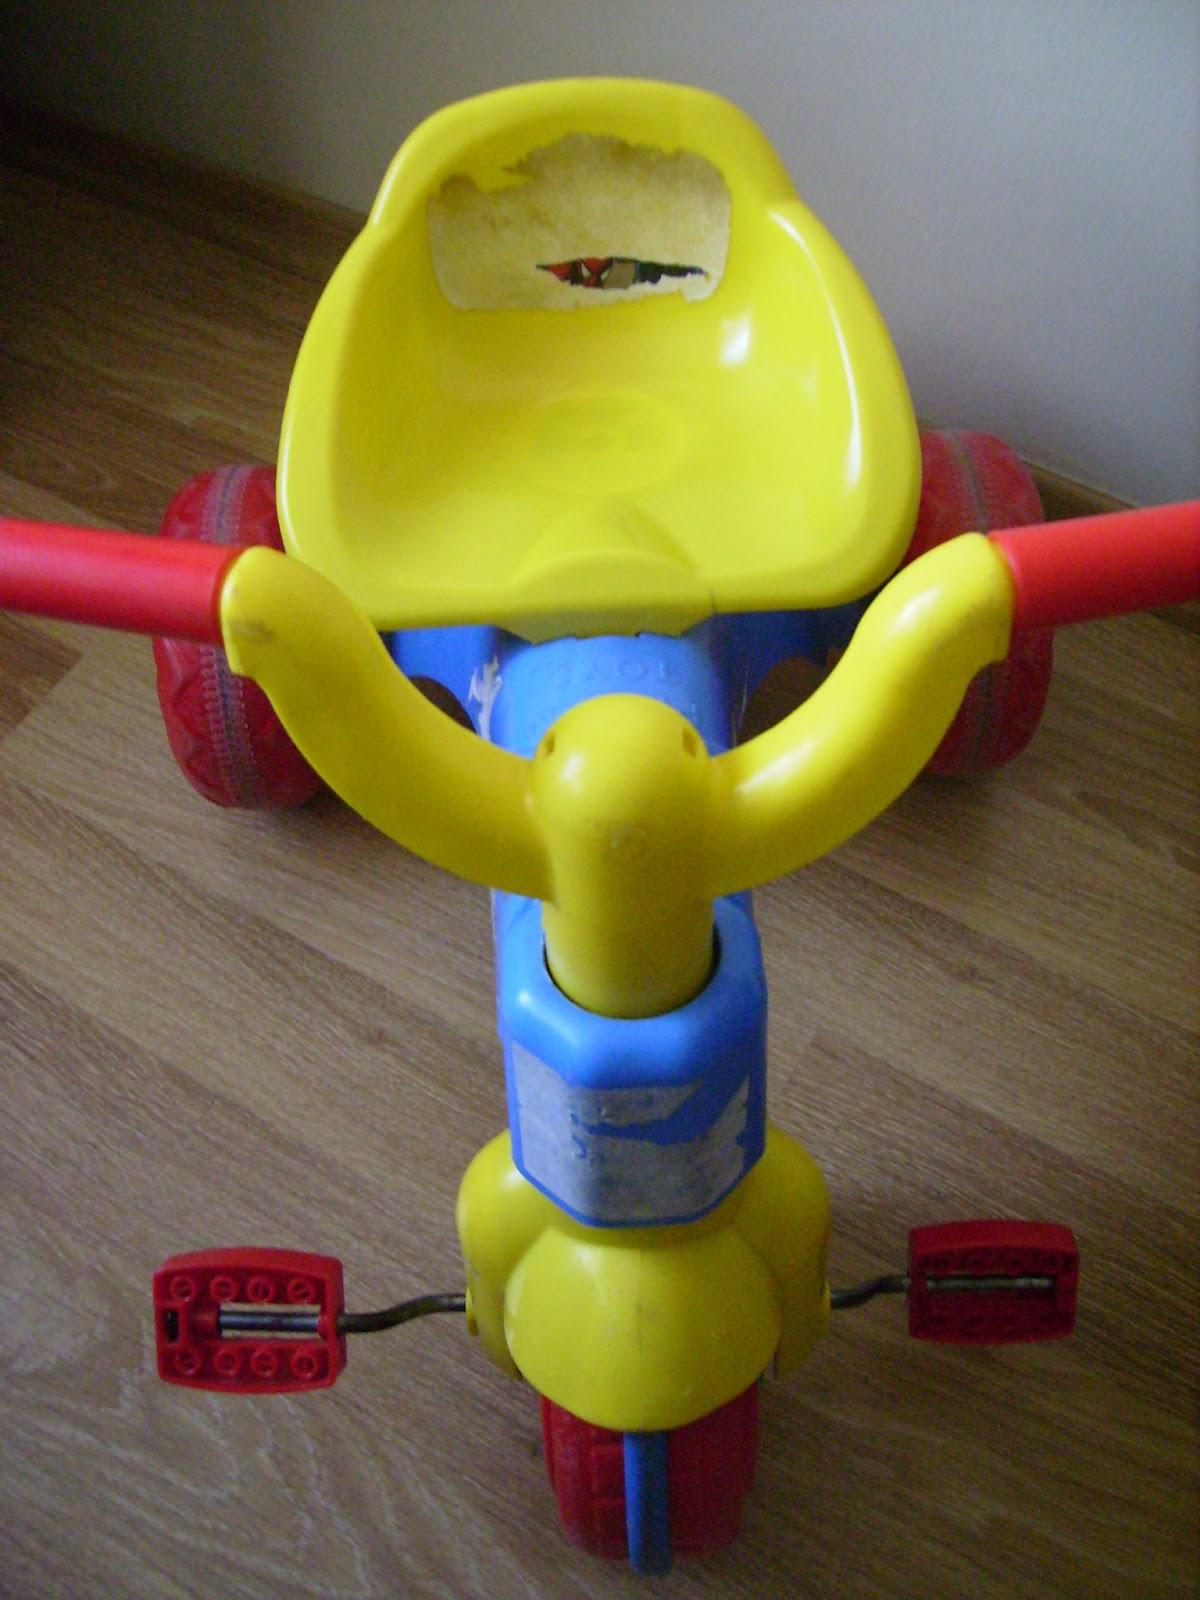 çocuk bisikletleri, bisiklet nerden alınır